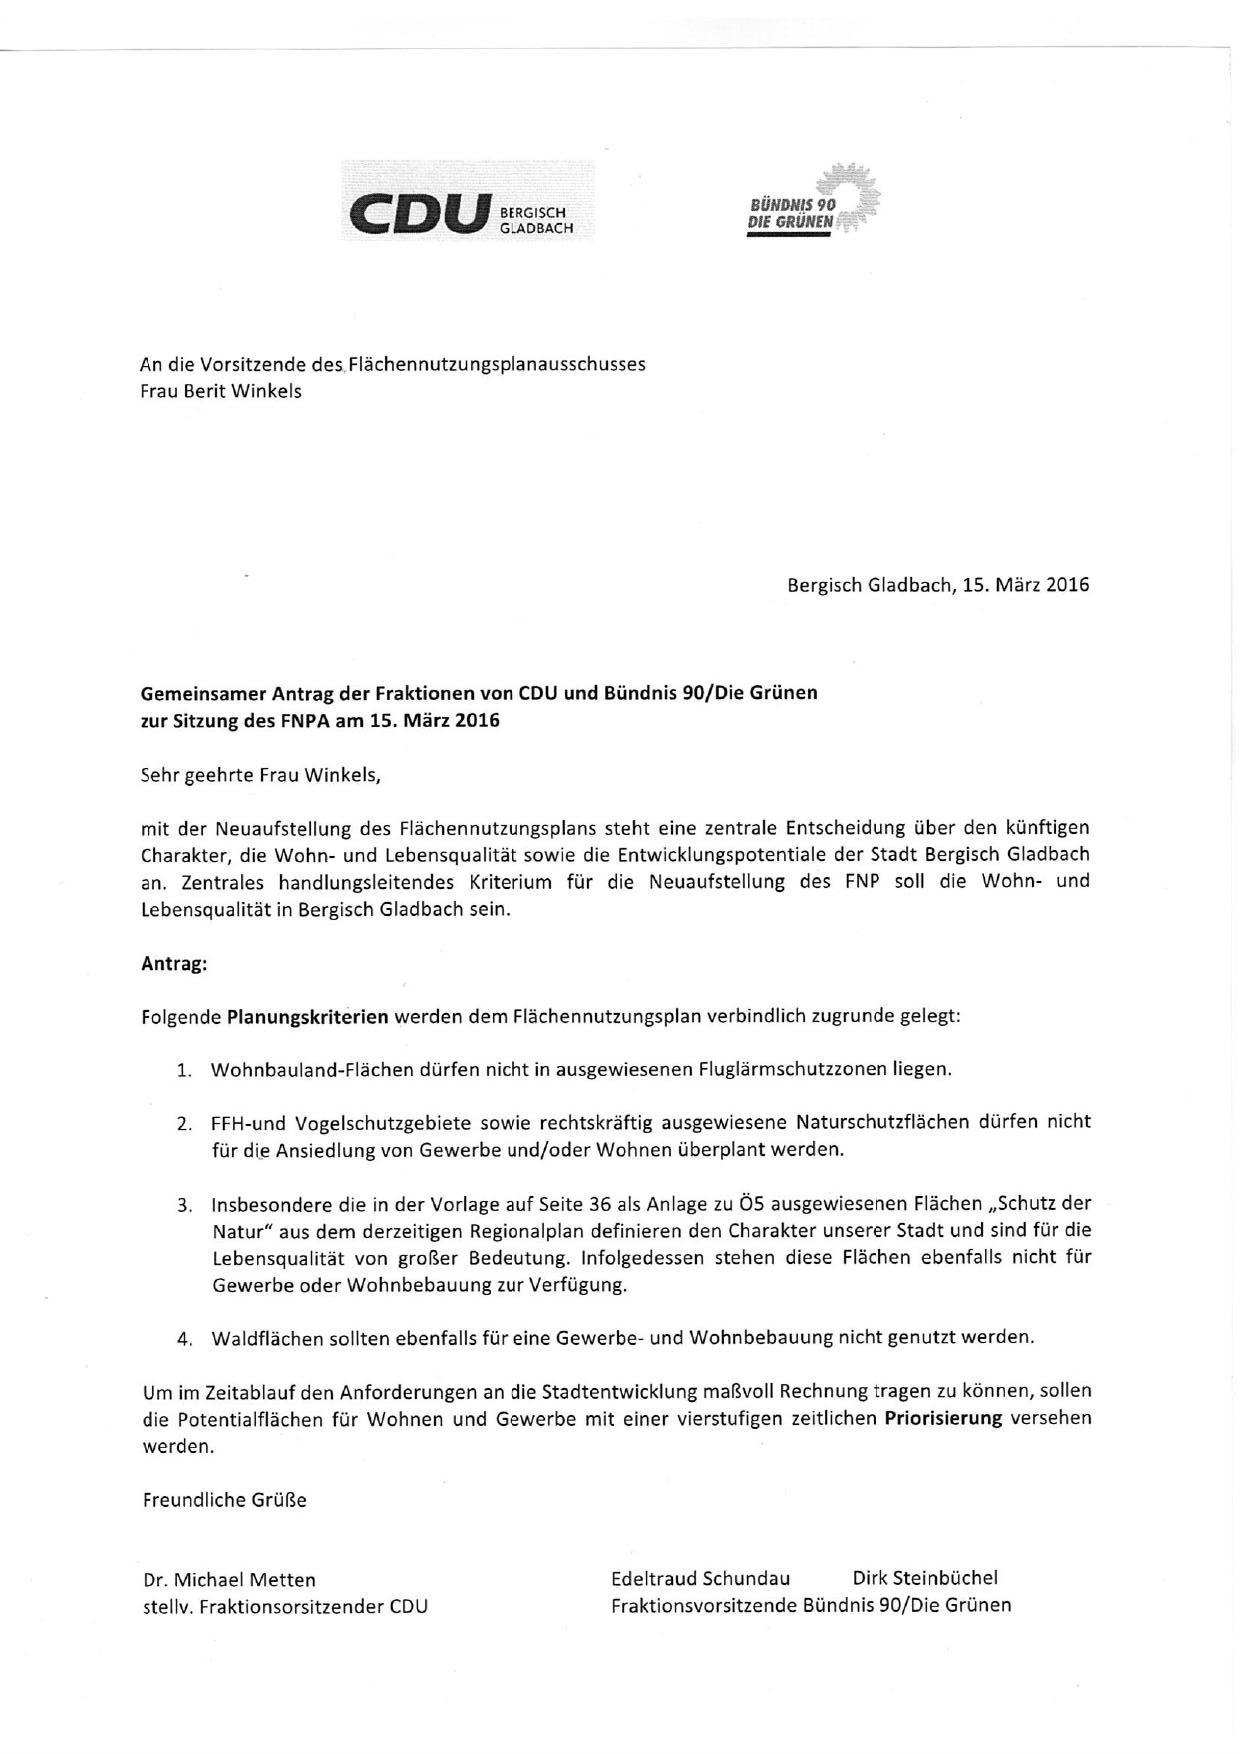 Antrag Grüne CDU_000001